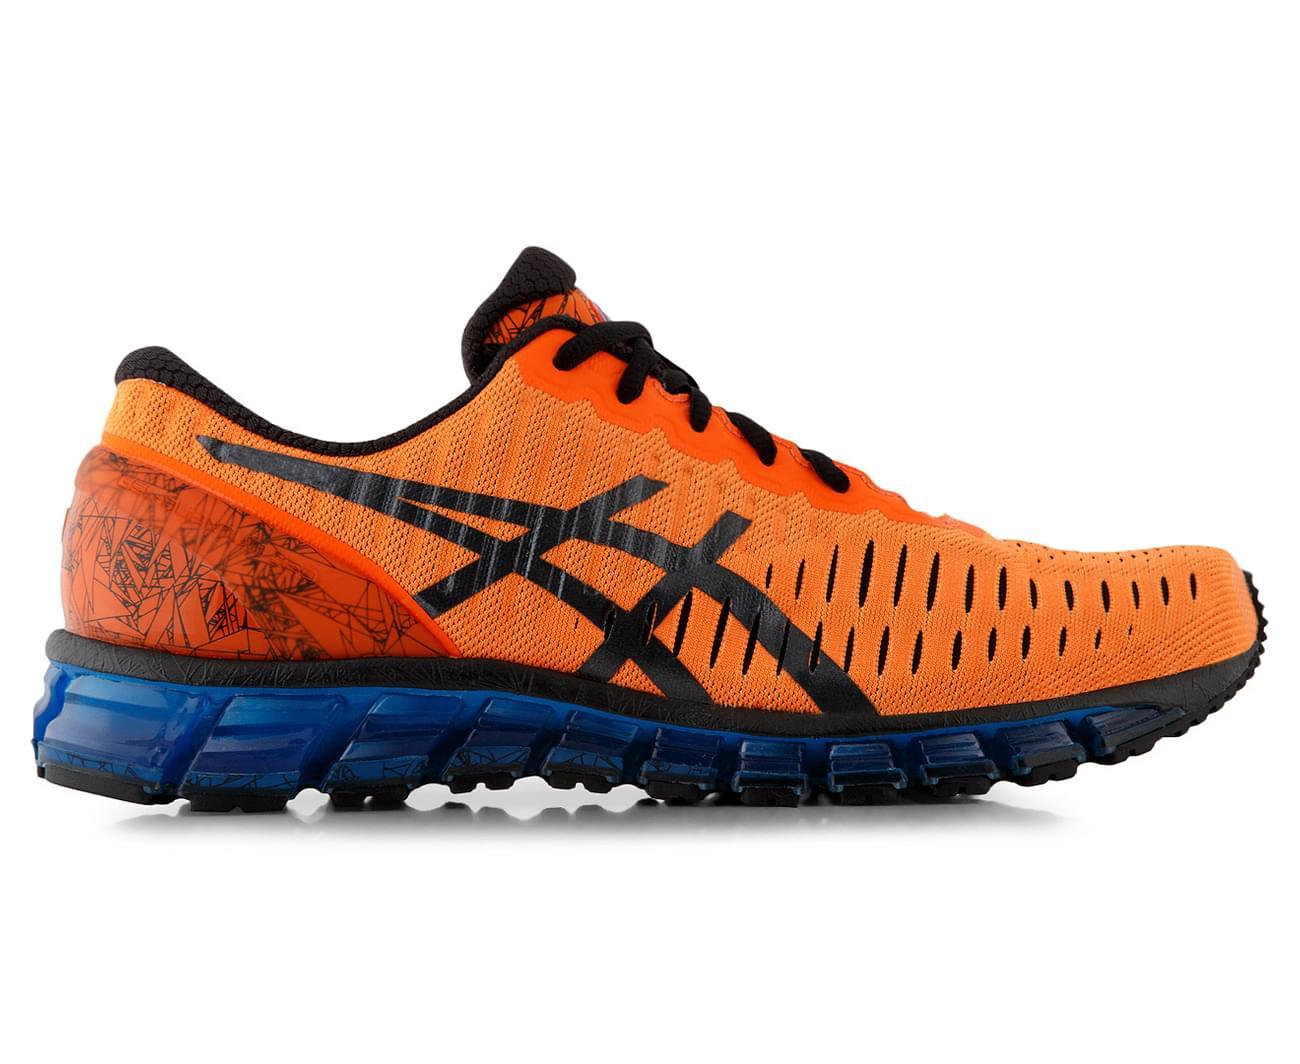 Asics Gel De Los Hombres-cuántica 360 Zapatos - Naranja Caliente / Negro / Azul hWDpQm